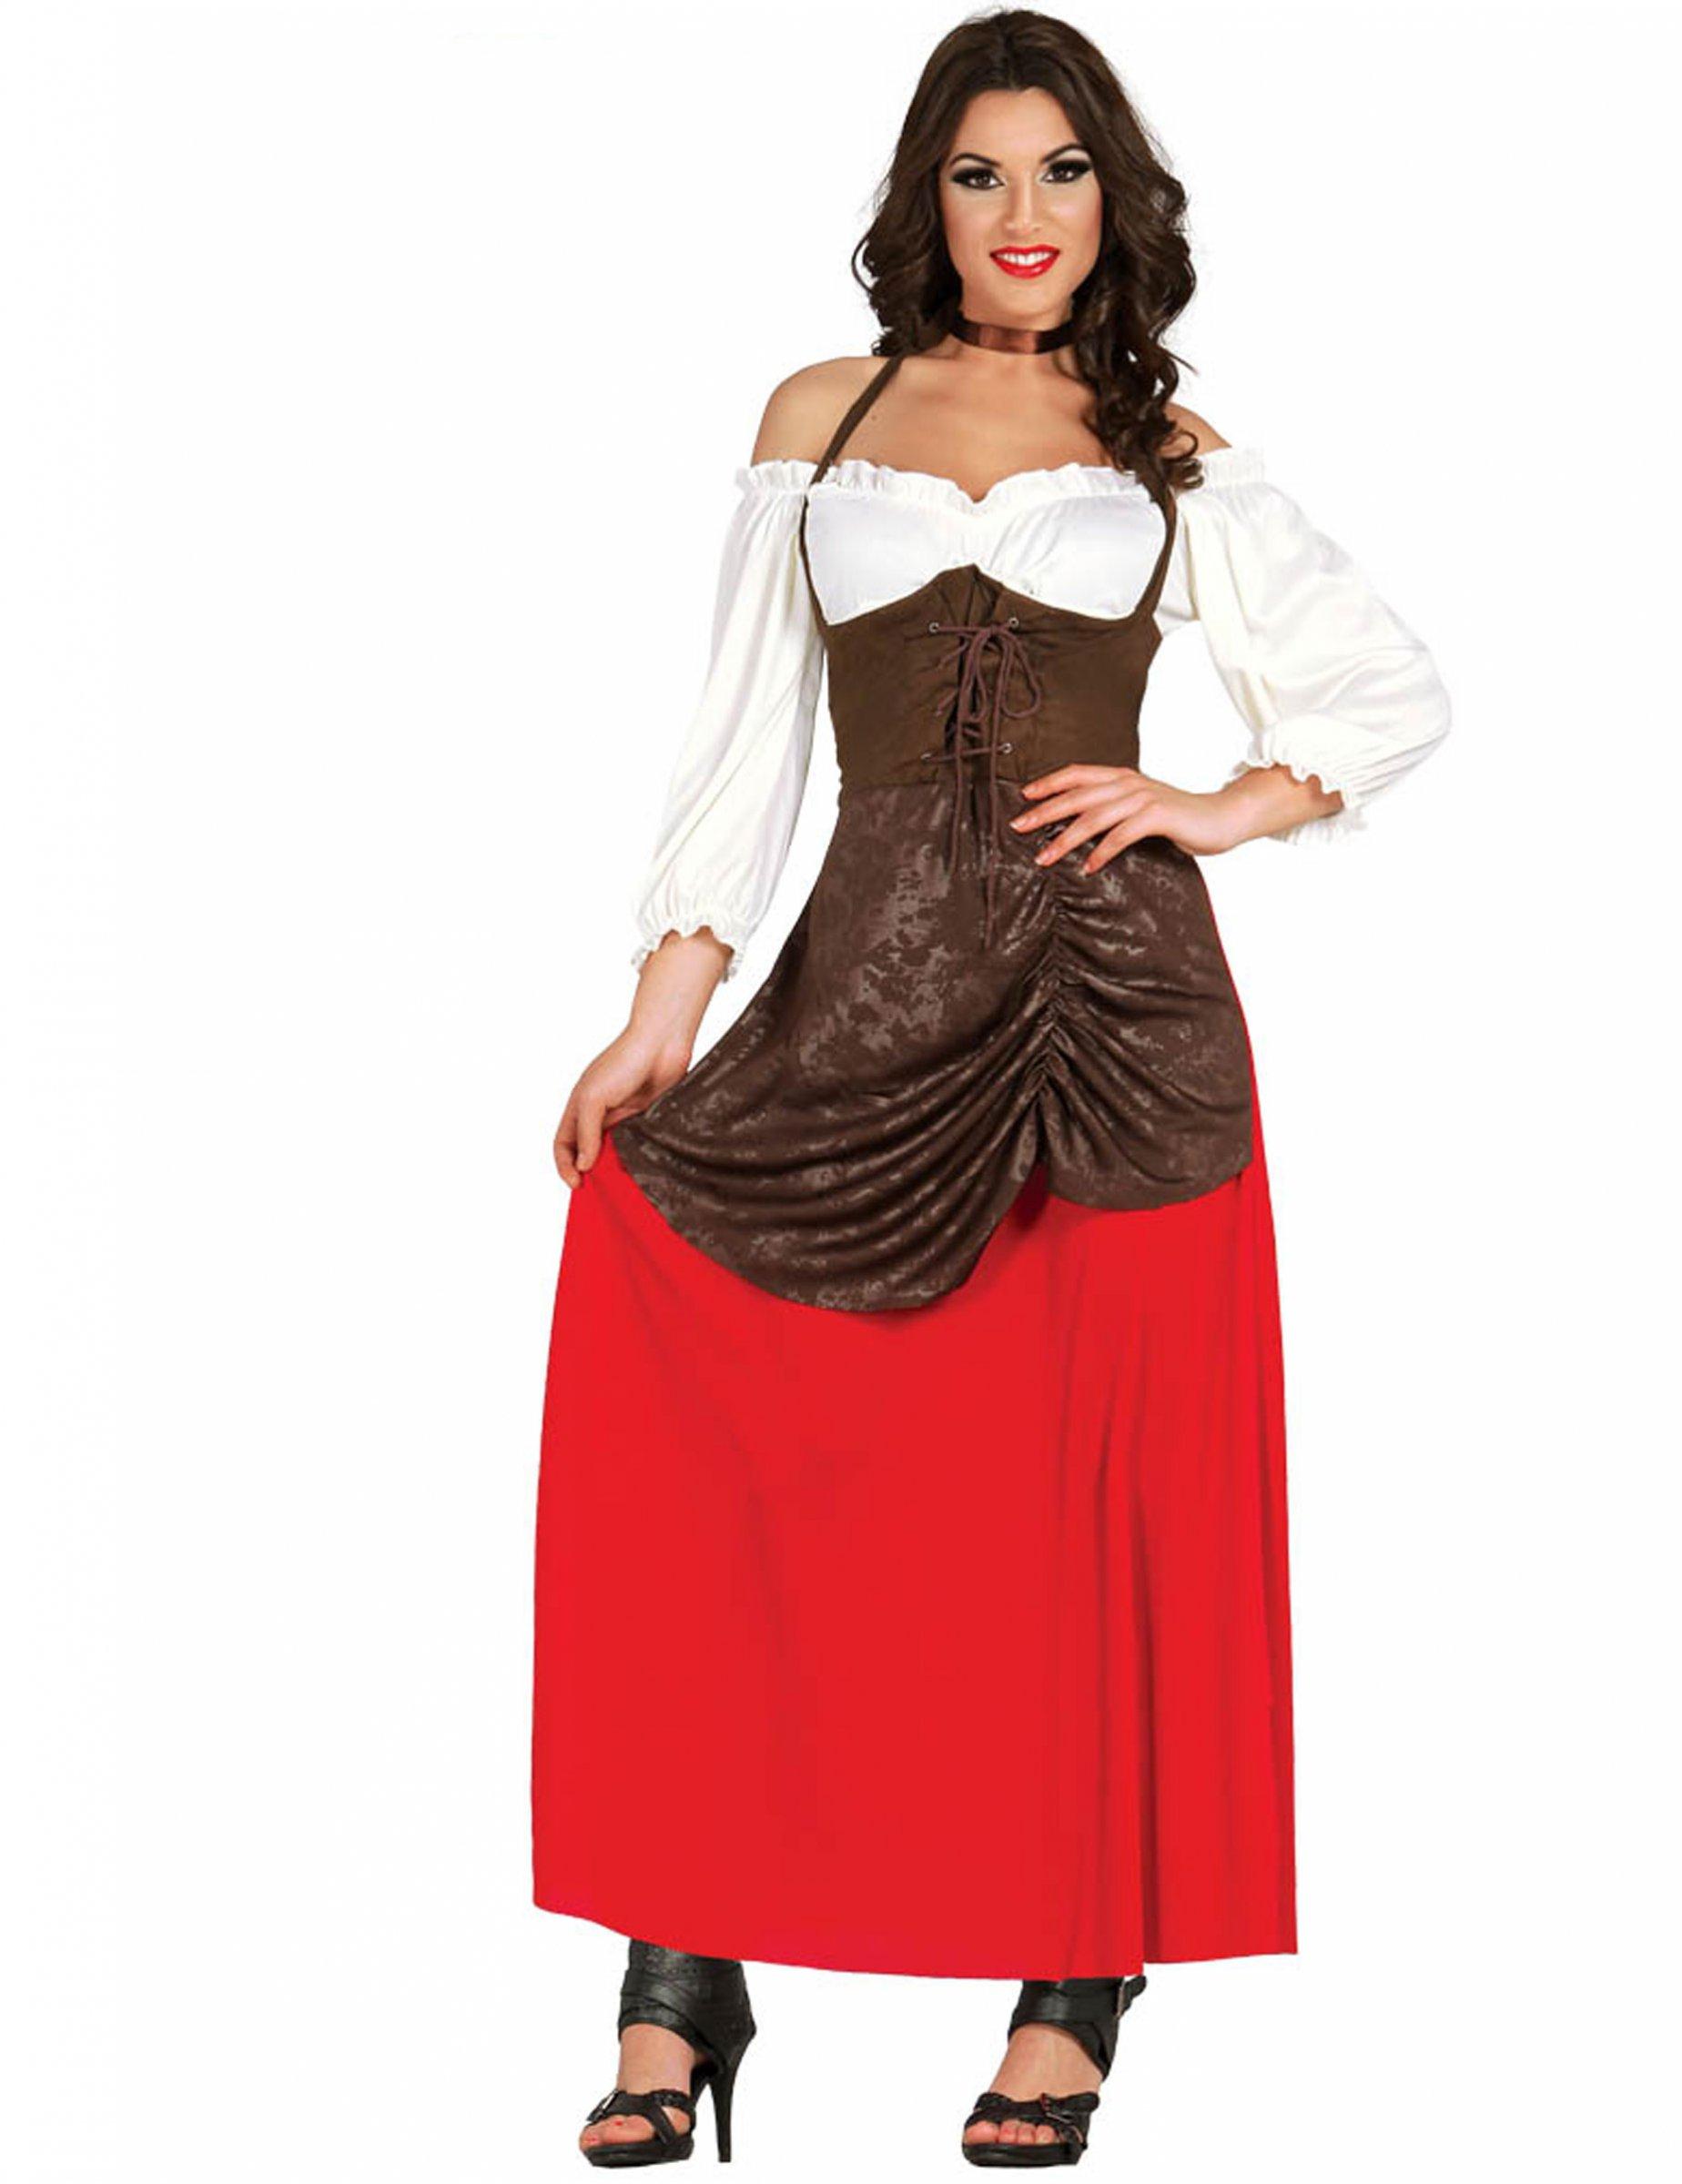 deguisement-taverniere-marron-et-rouge-femme 311070.jpg e212de52f17